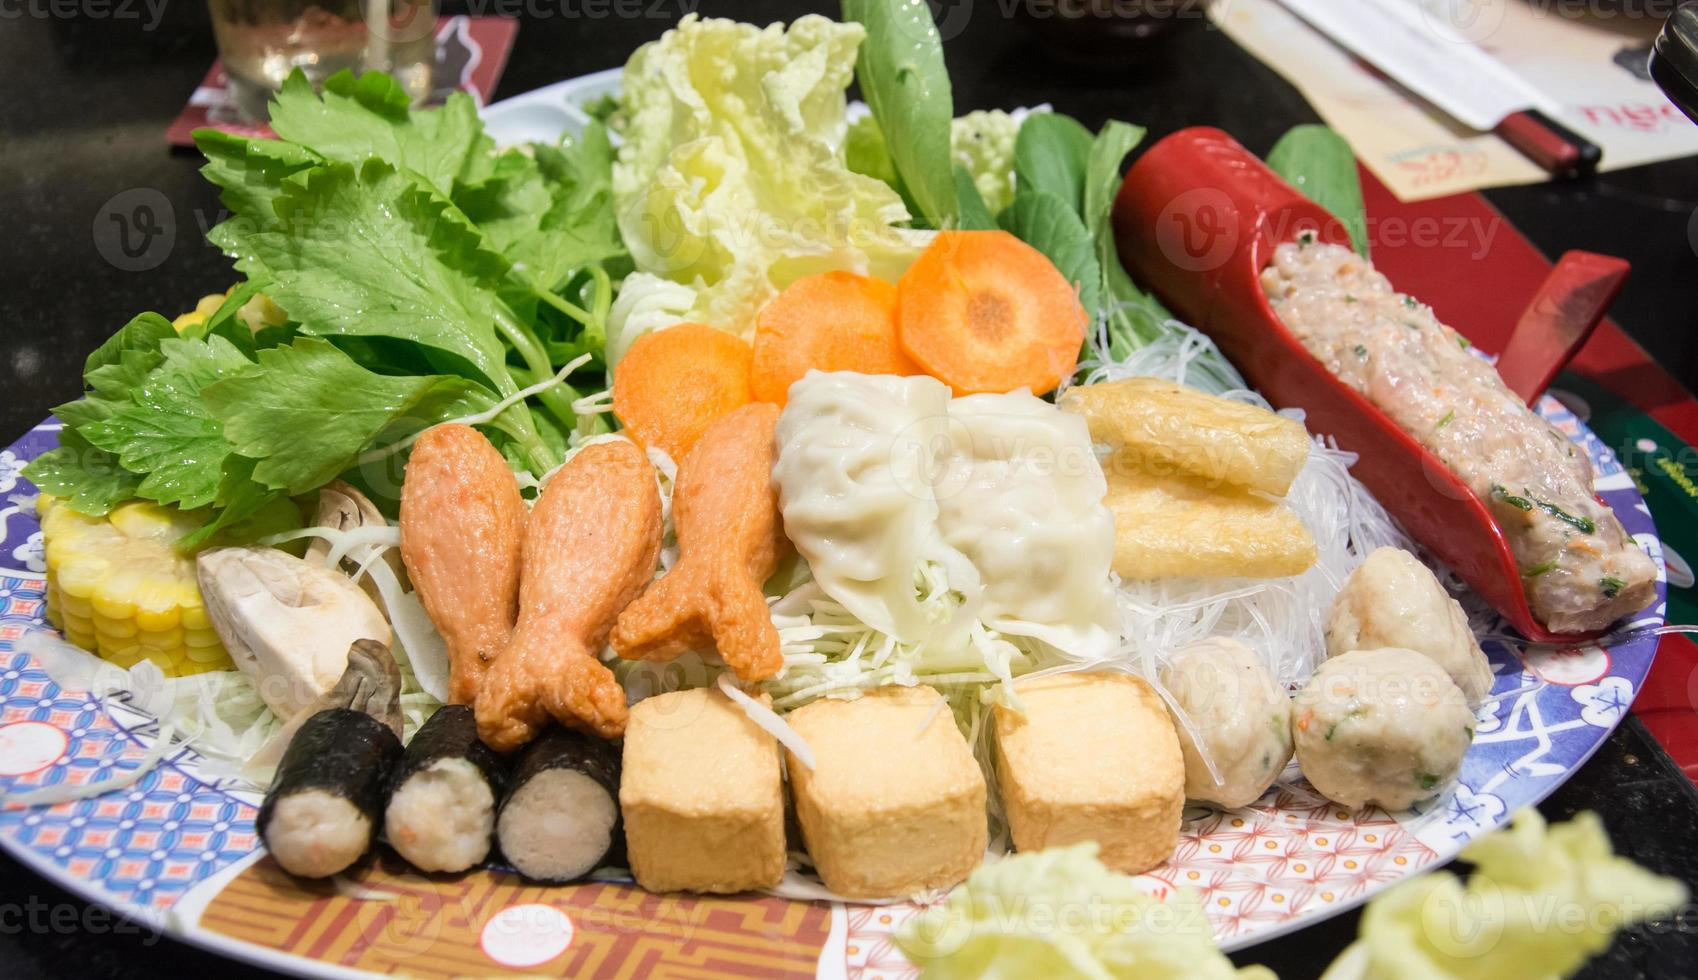 cozze con verdure tritate miste sul piatto, suki yaki giapponese foto